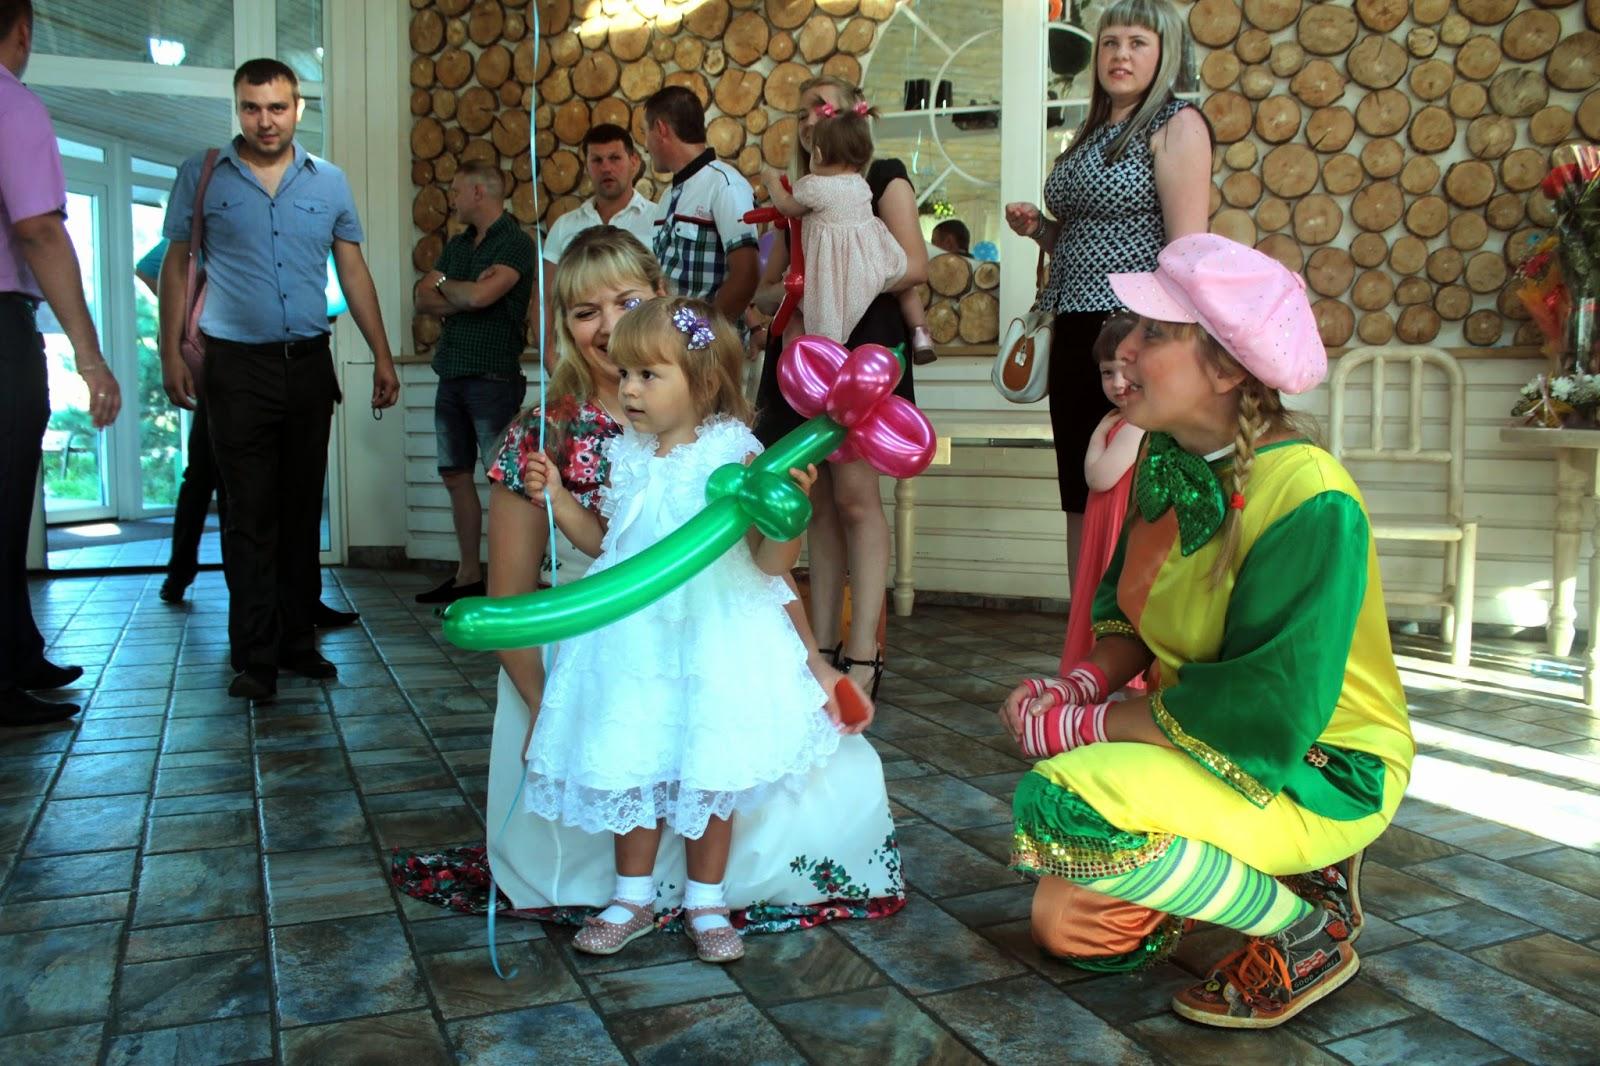 день рождения смоленск, аниматор в Смоленске, праздник в Смоленске, клоун на детский праздник Смоленск. Татьяна Бодрячок